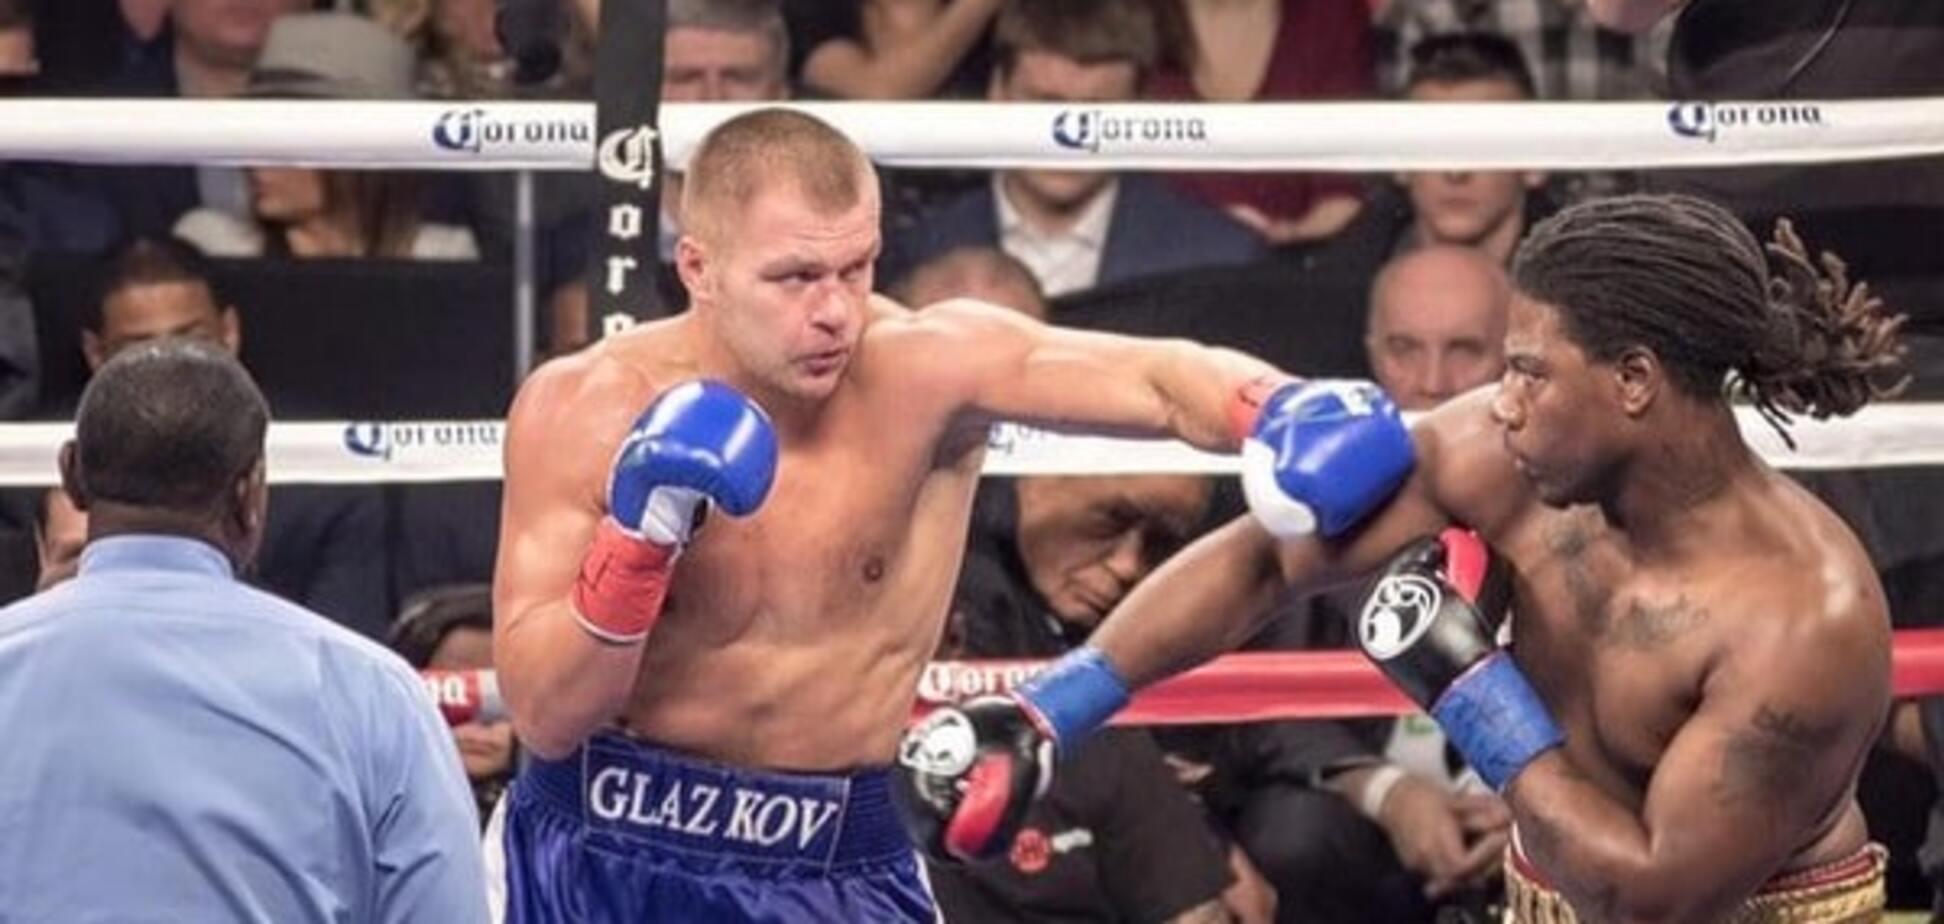 Лікарі поставили невтішний діагноз українському боксерові Глазкову